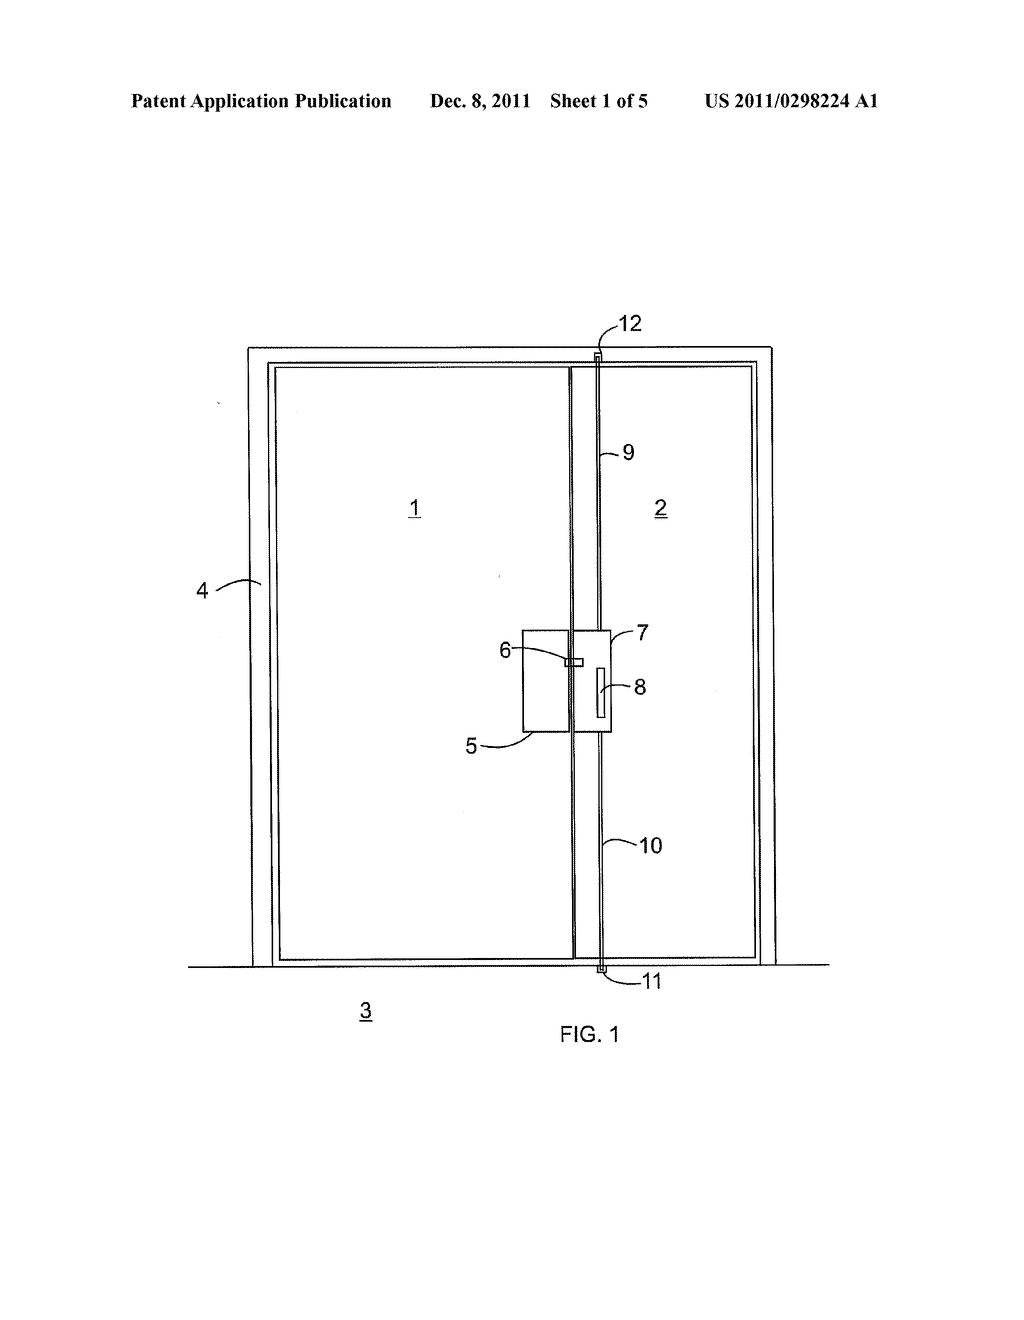 hight resolution of double door diagram wiring diagram for you double door refrigerator electrical diagram double door diagram source frost free refrigerator